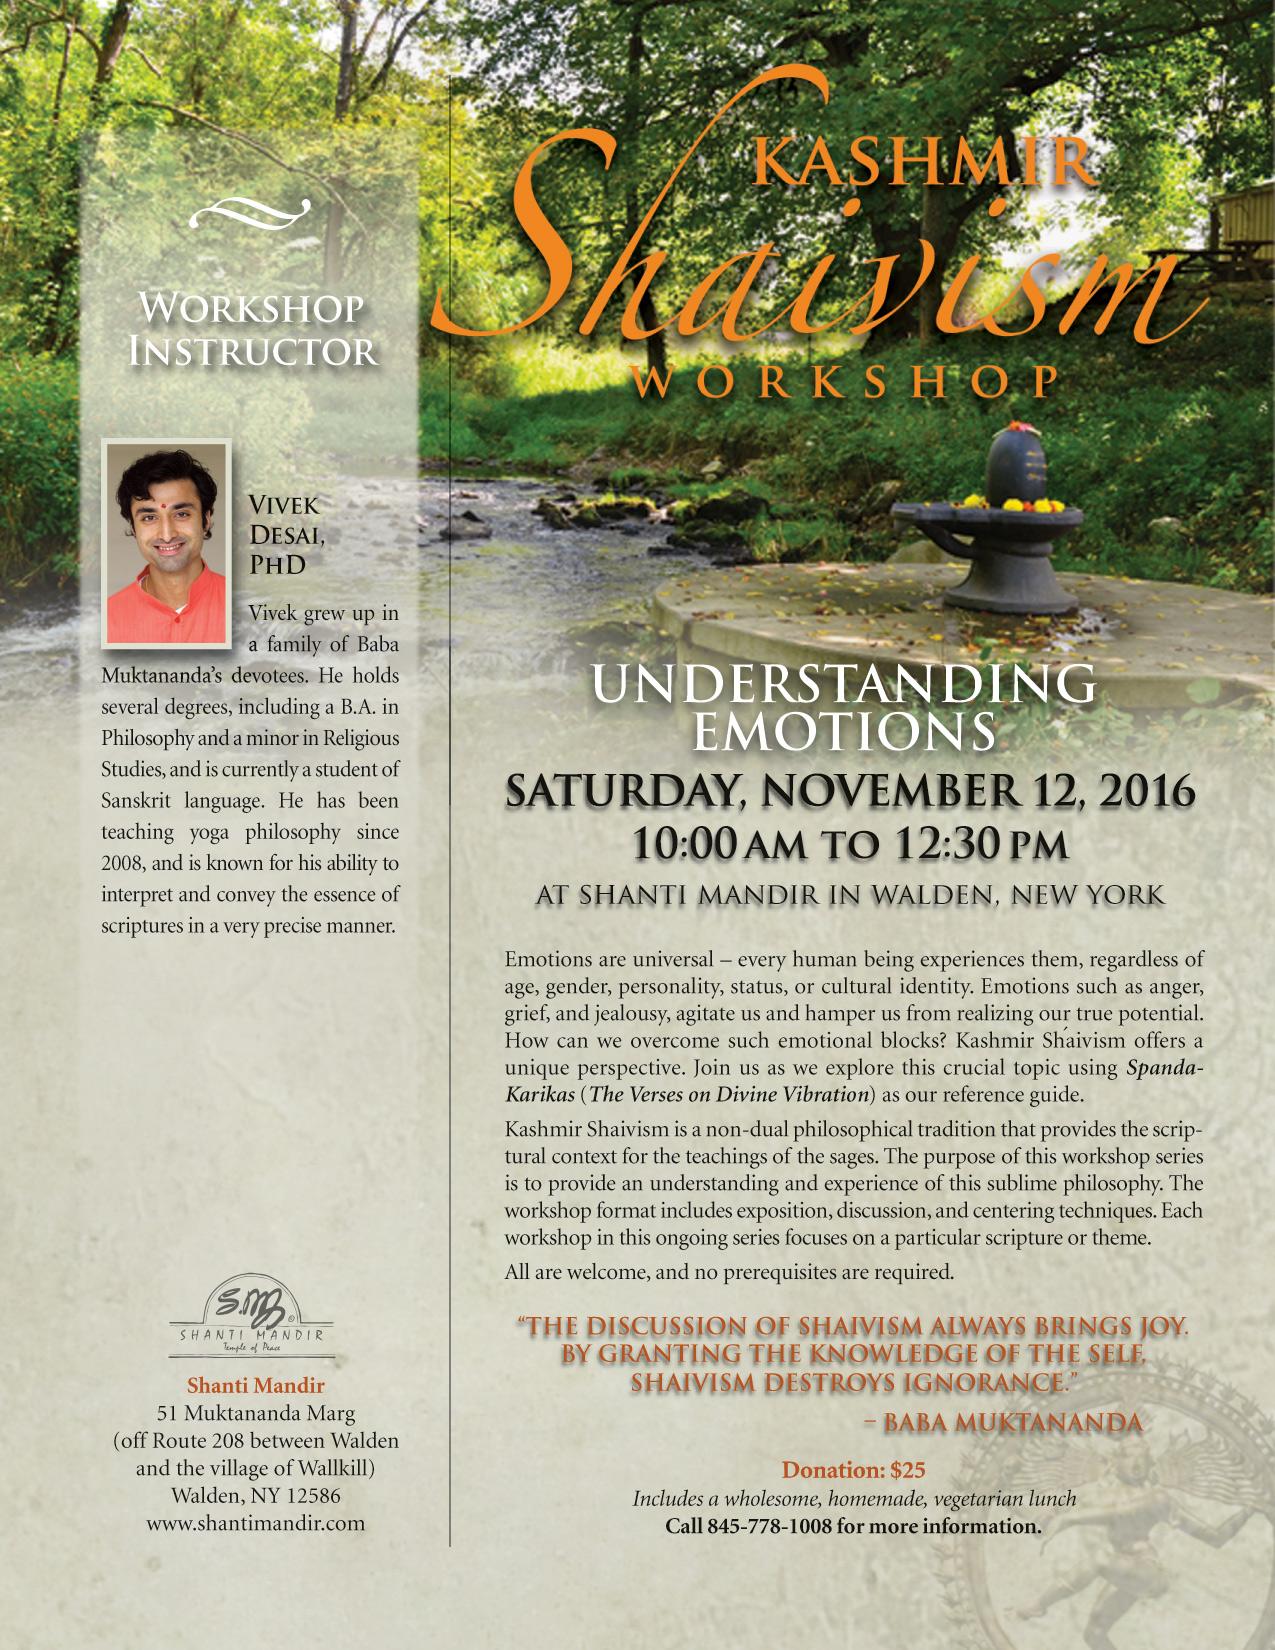 kashmir-shaivism-workshop-flyer-nov-2016